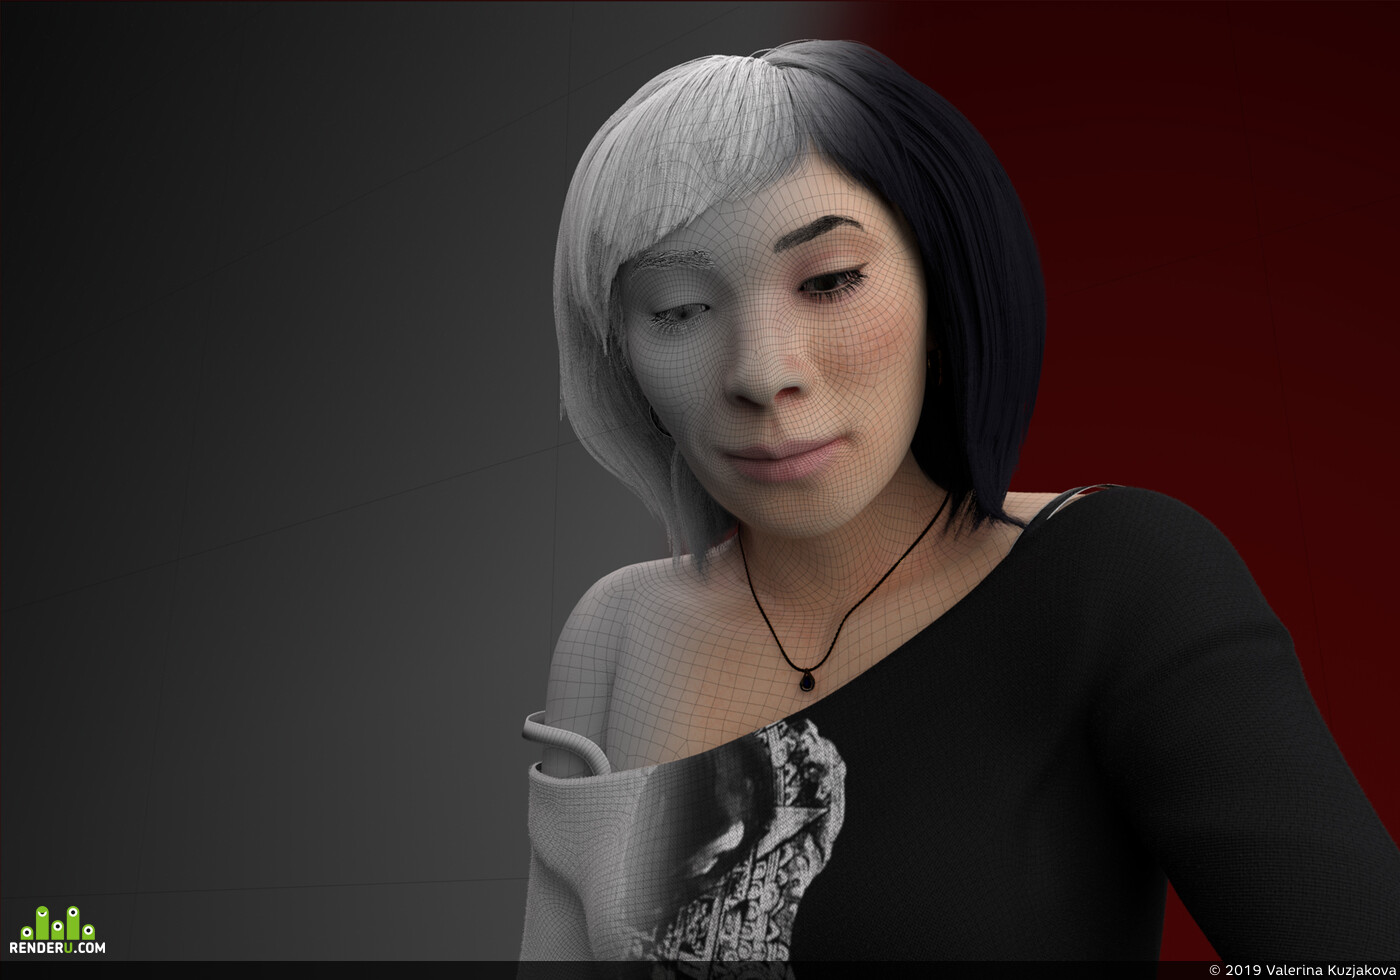 человек, Персонажи, 3d персонажи, портрет, автопортрет, портрет девушки, фотореализм, волосы, Сюрреализм, глаза